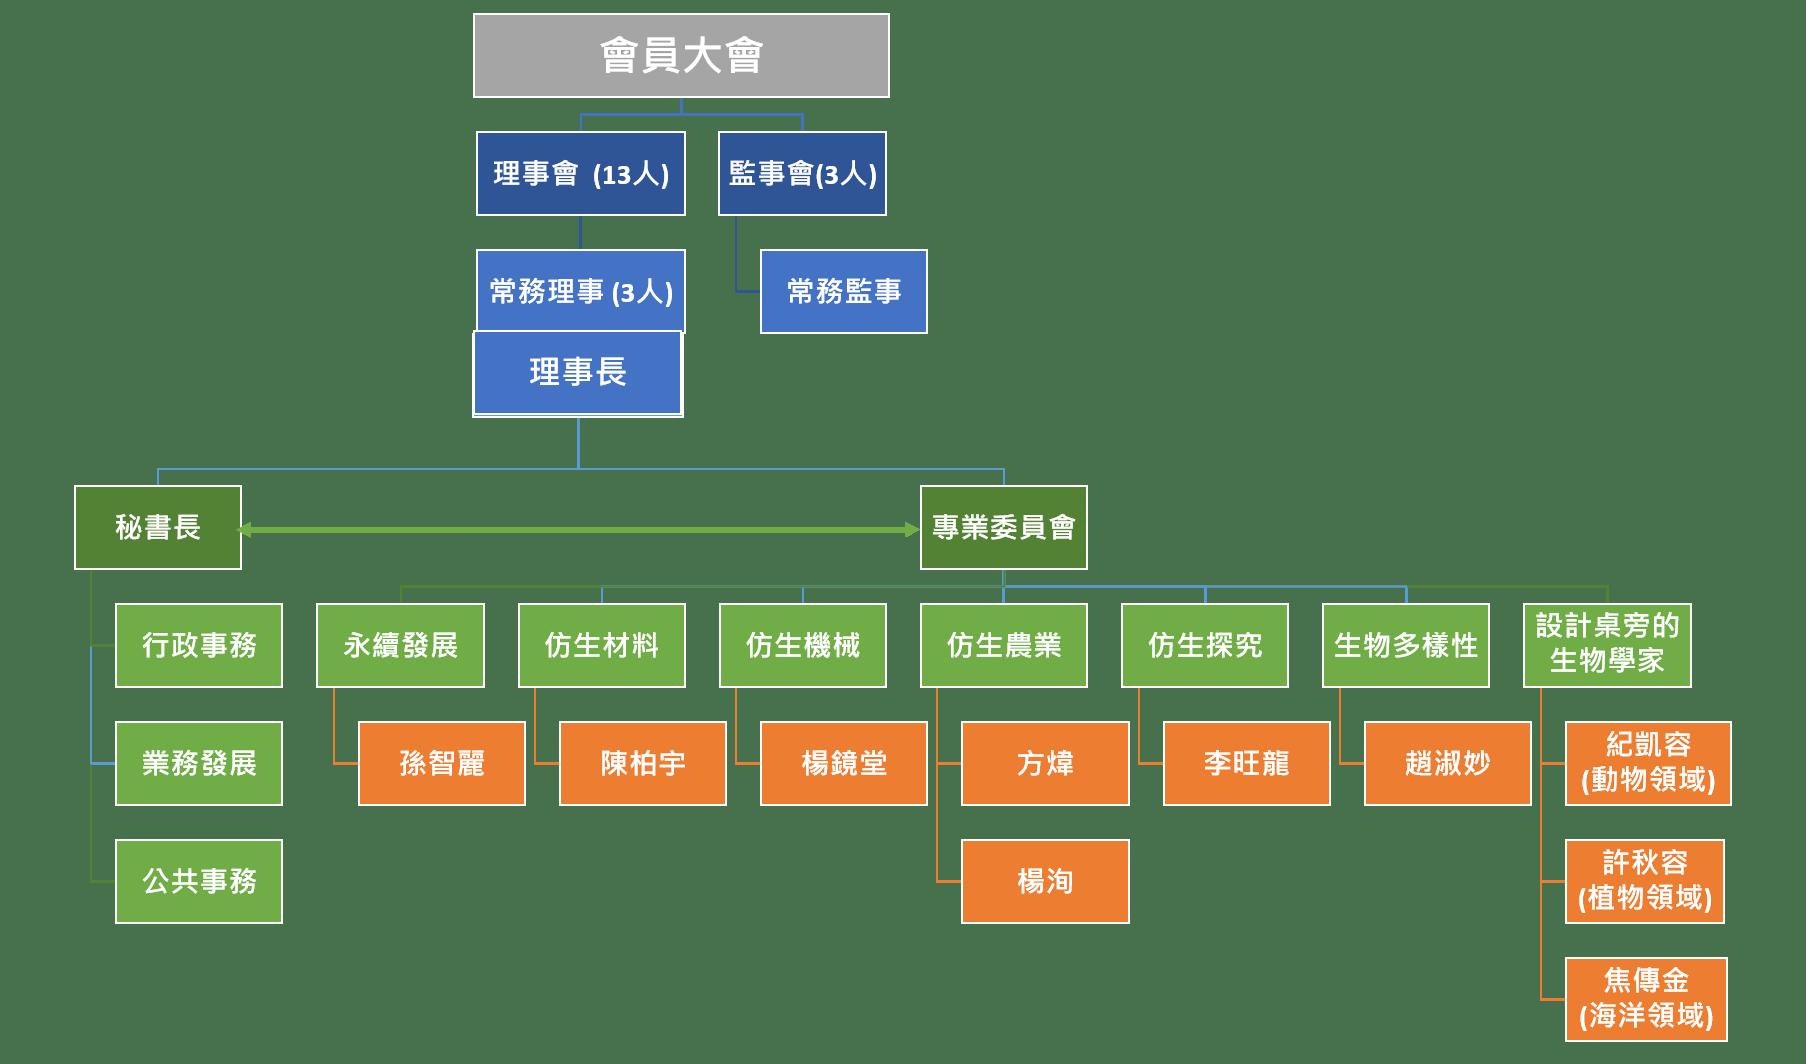 協會組織架構